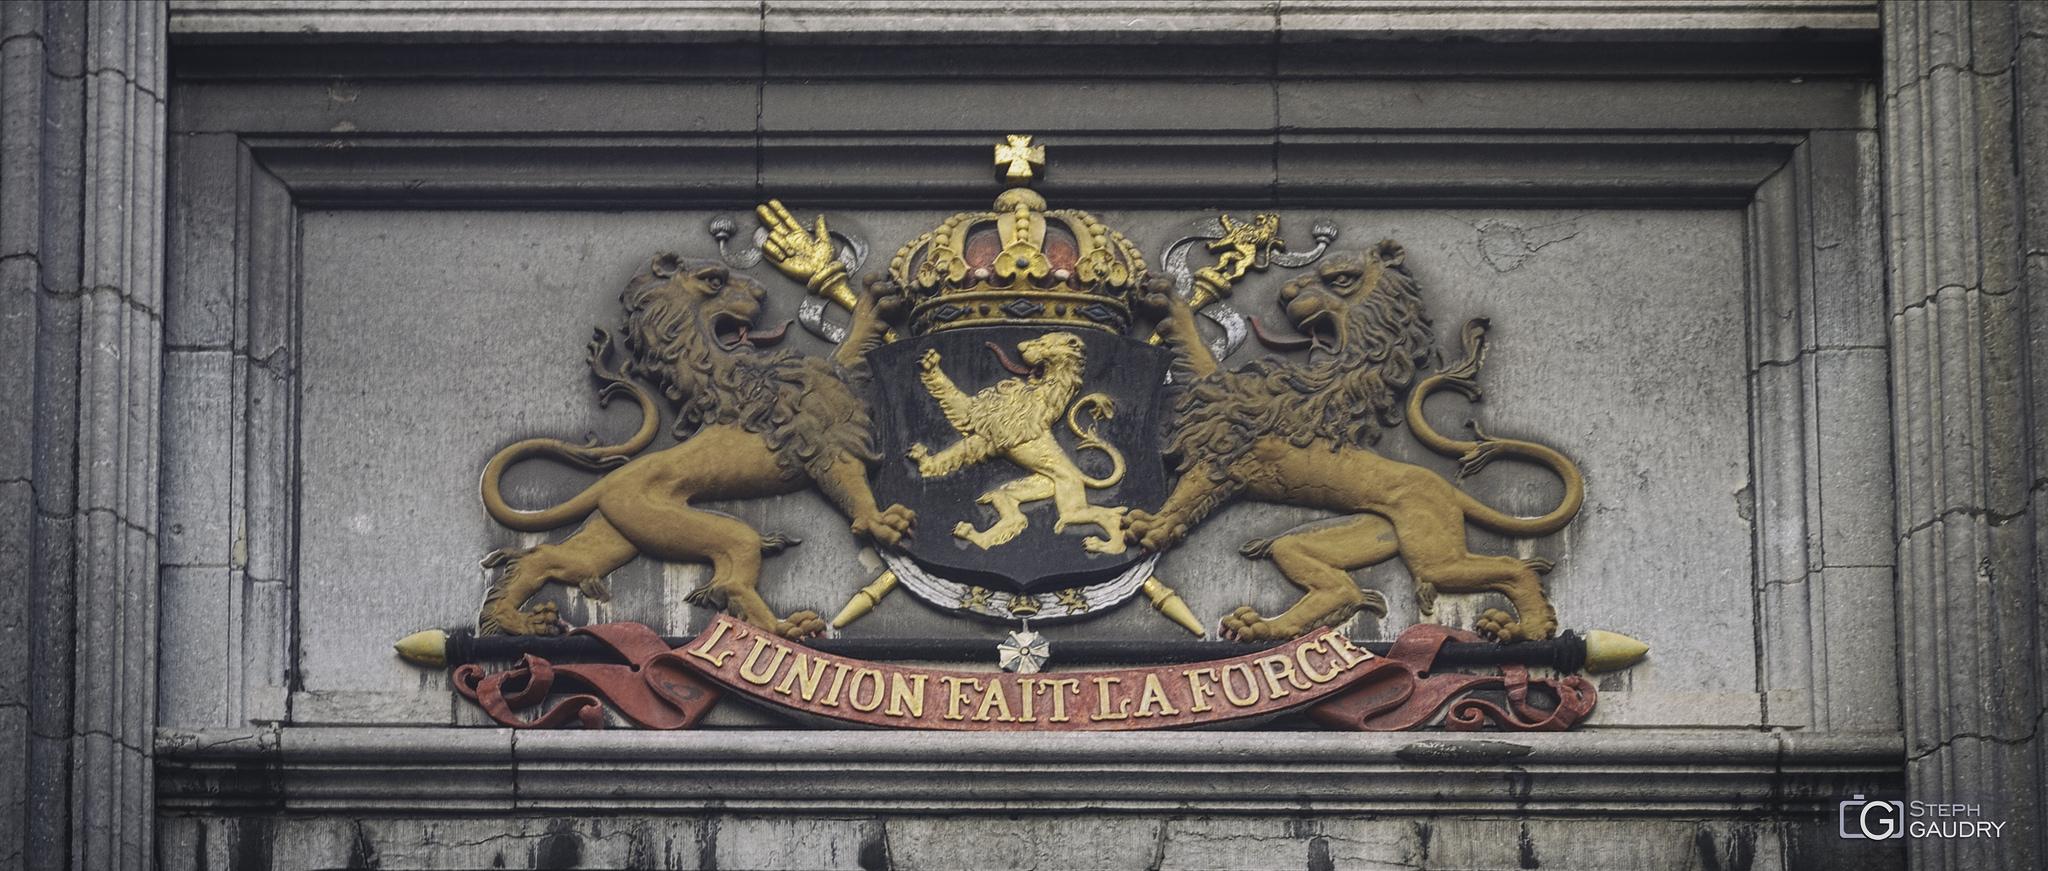 La Grand Poste de Liège - L'union fait la force [Cliquez pour lancer le diaporama]